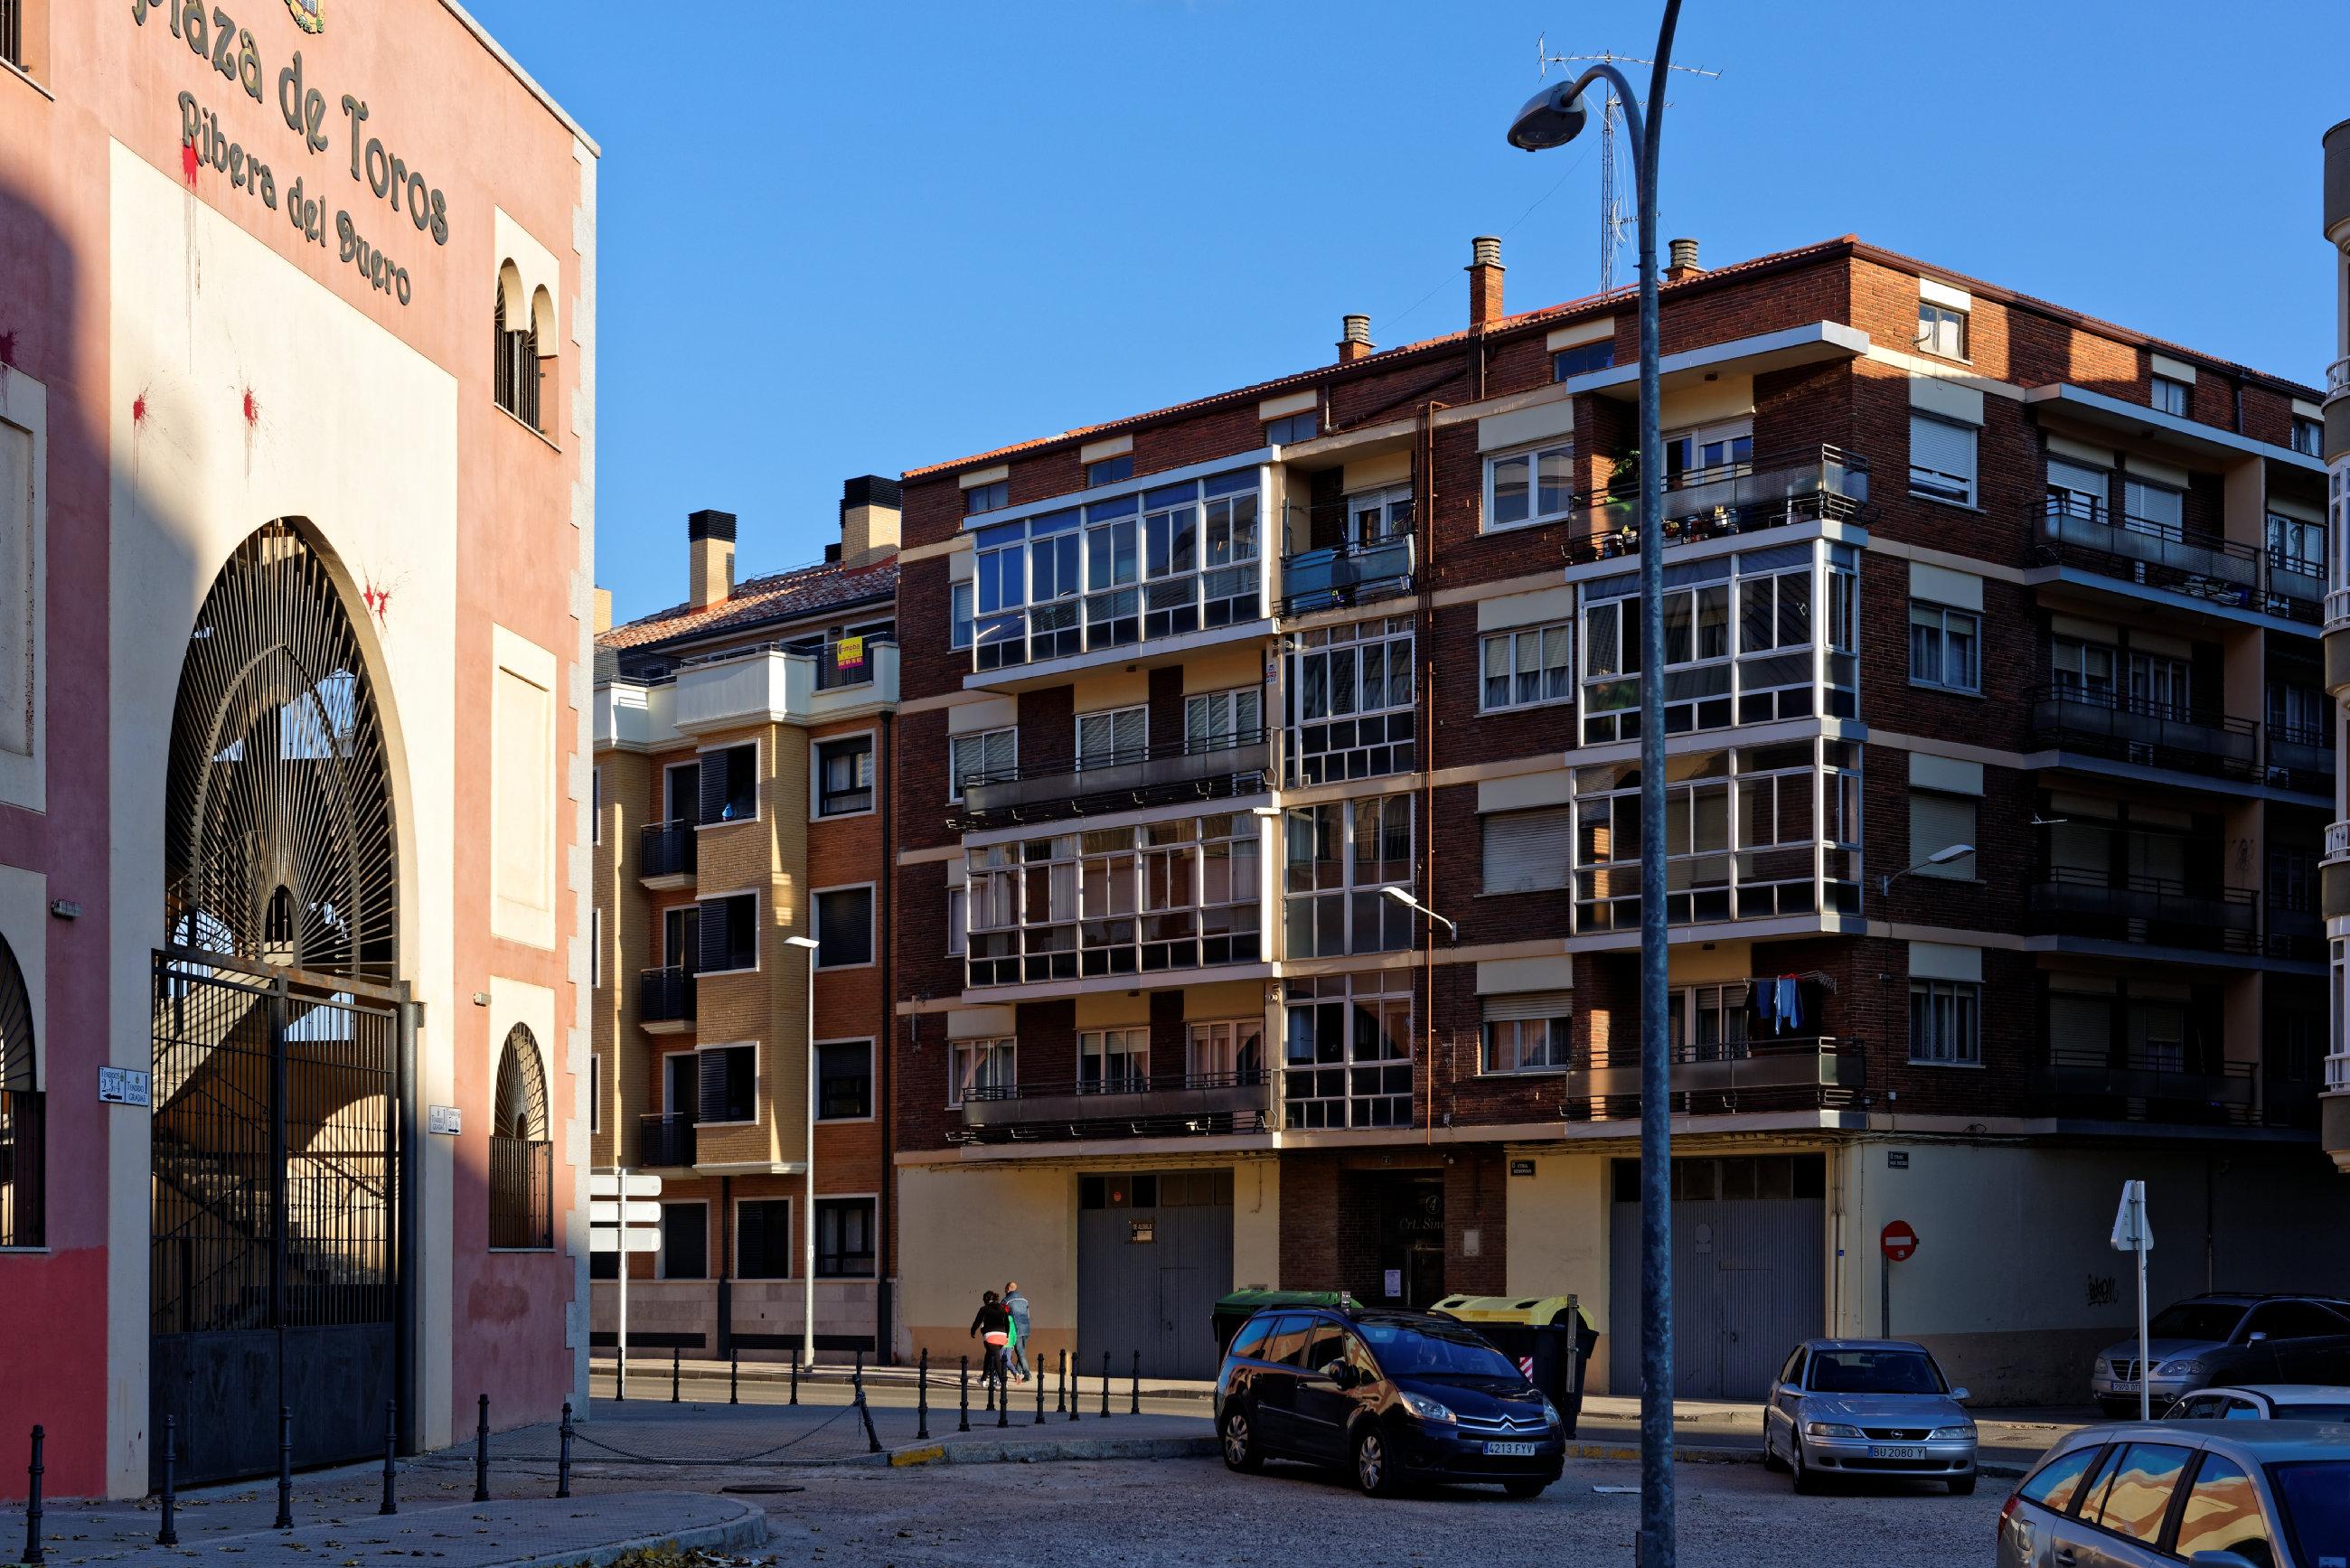 151101-Aranda de Duero (36)